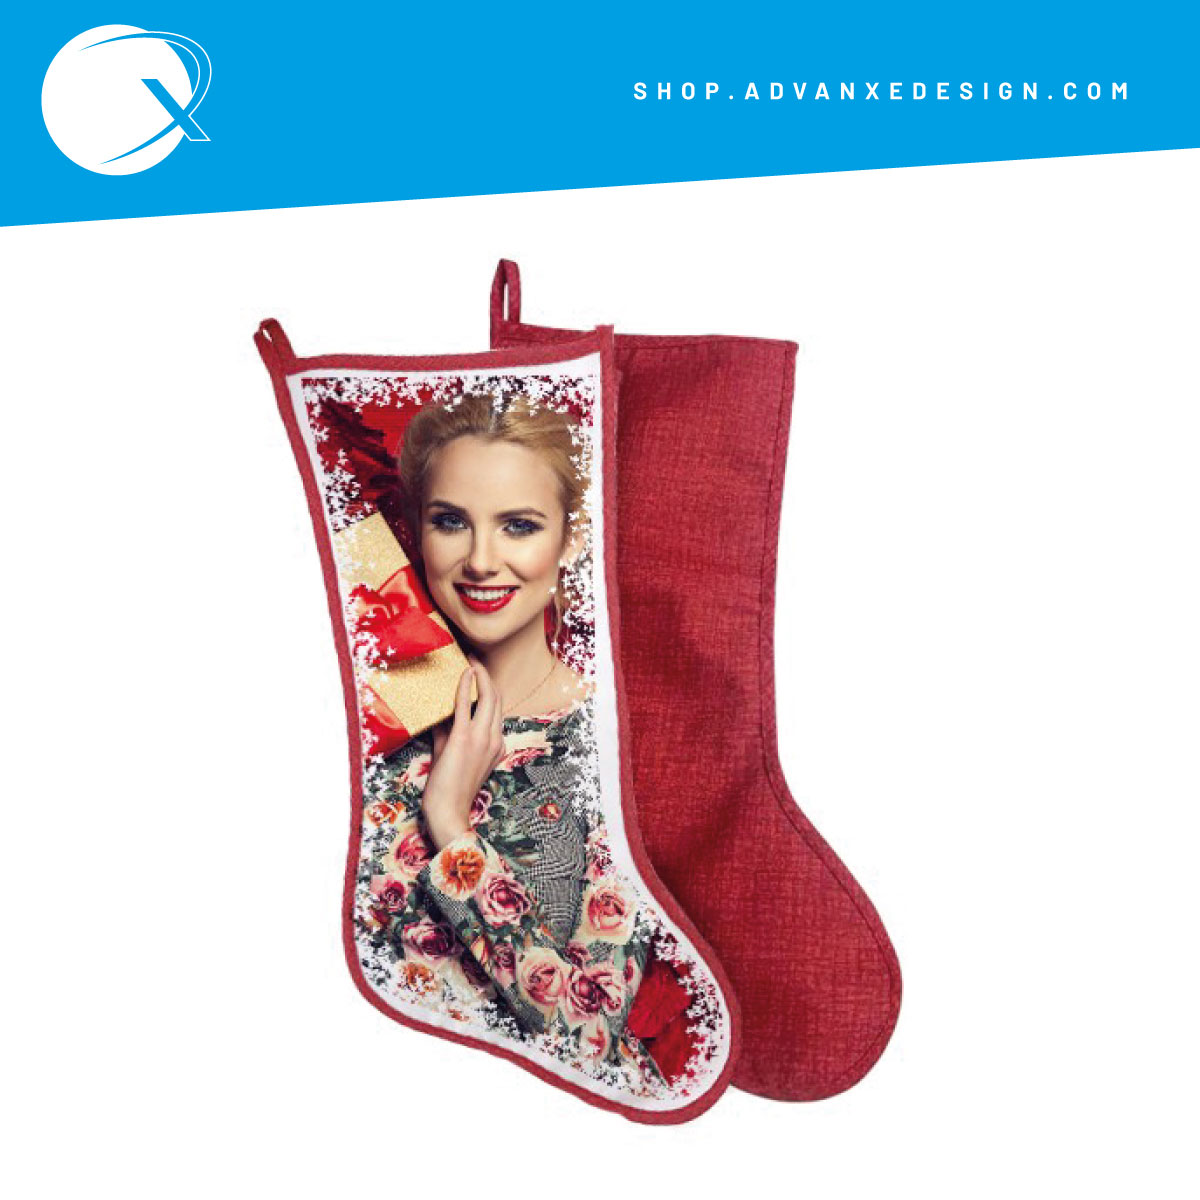 Calza Befana personalizzata color rosso